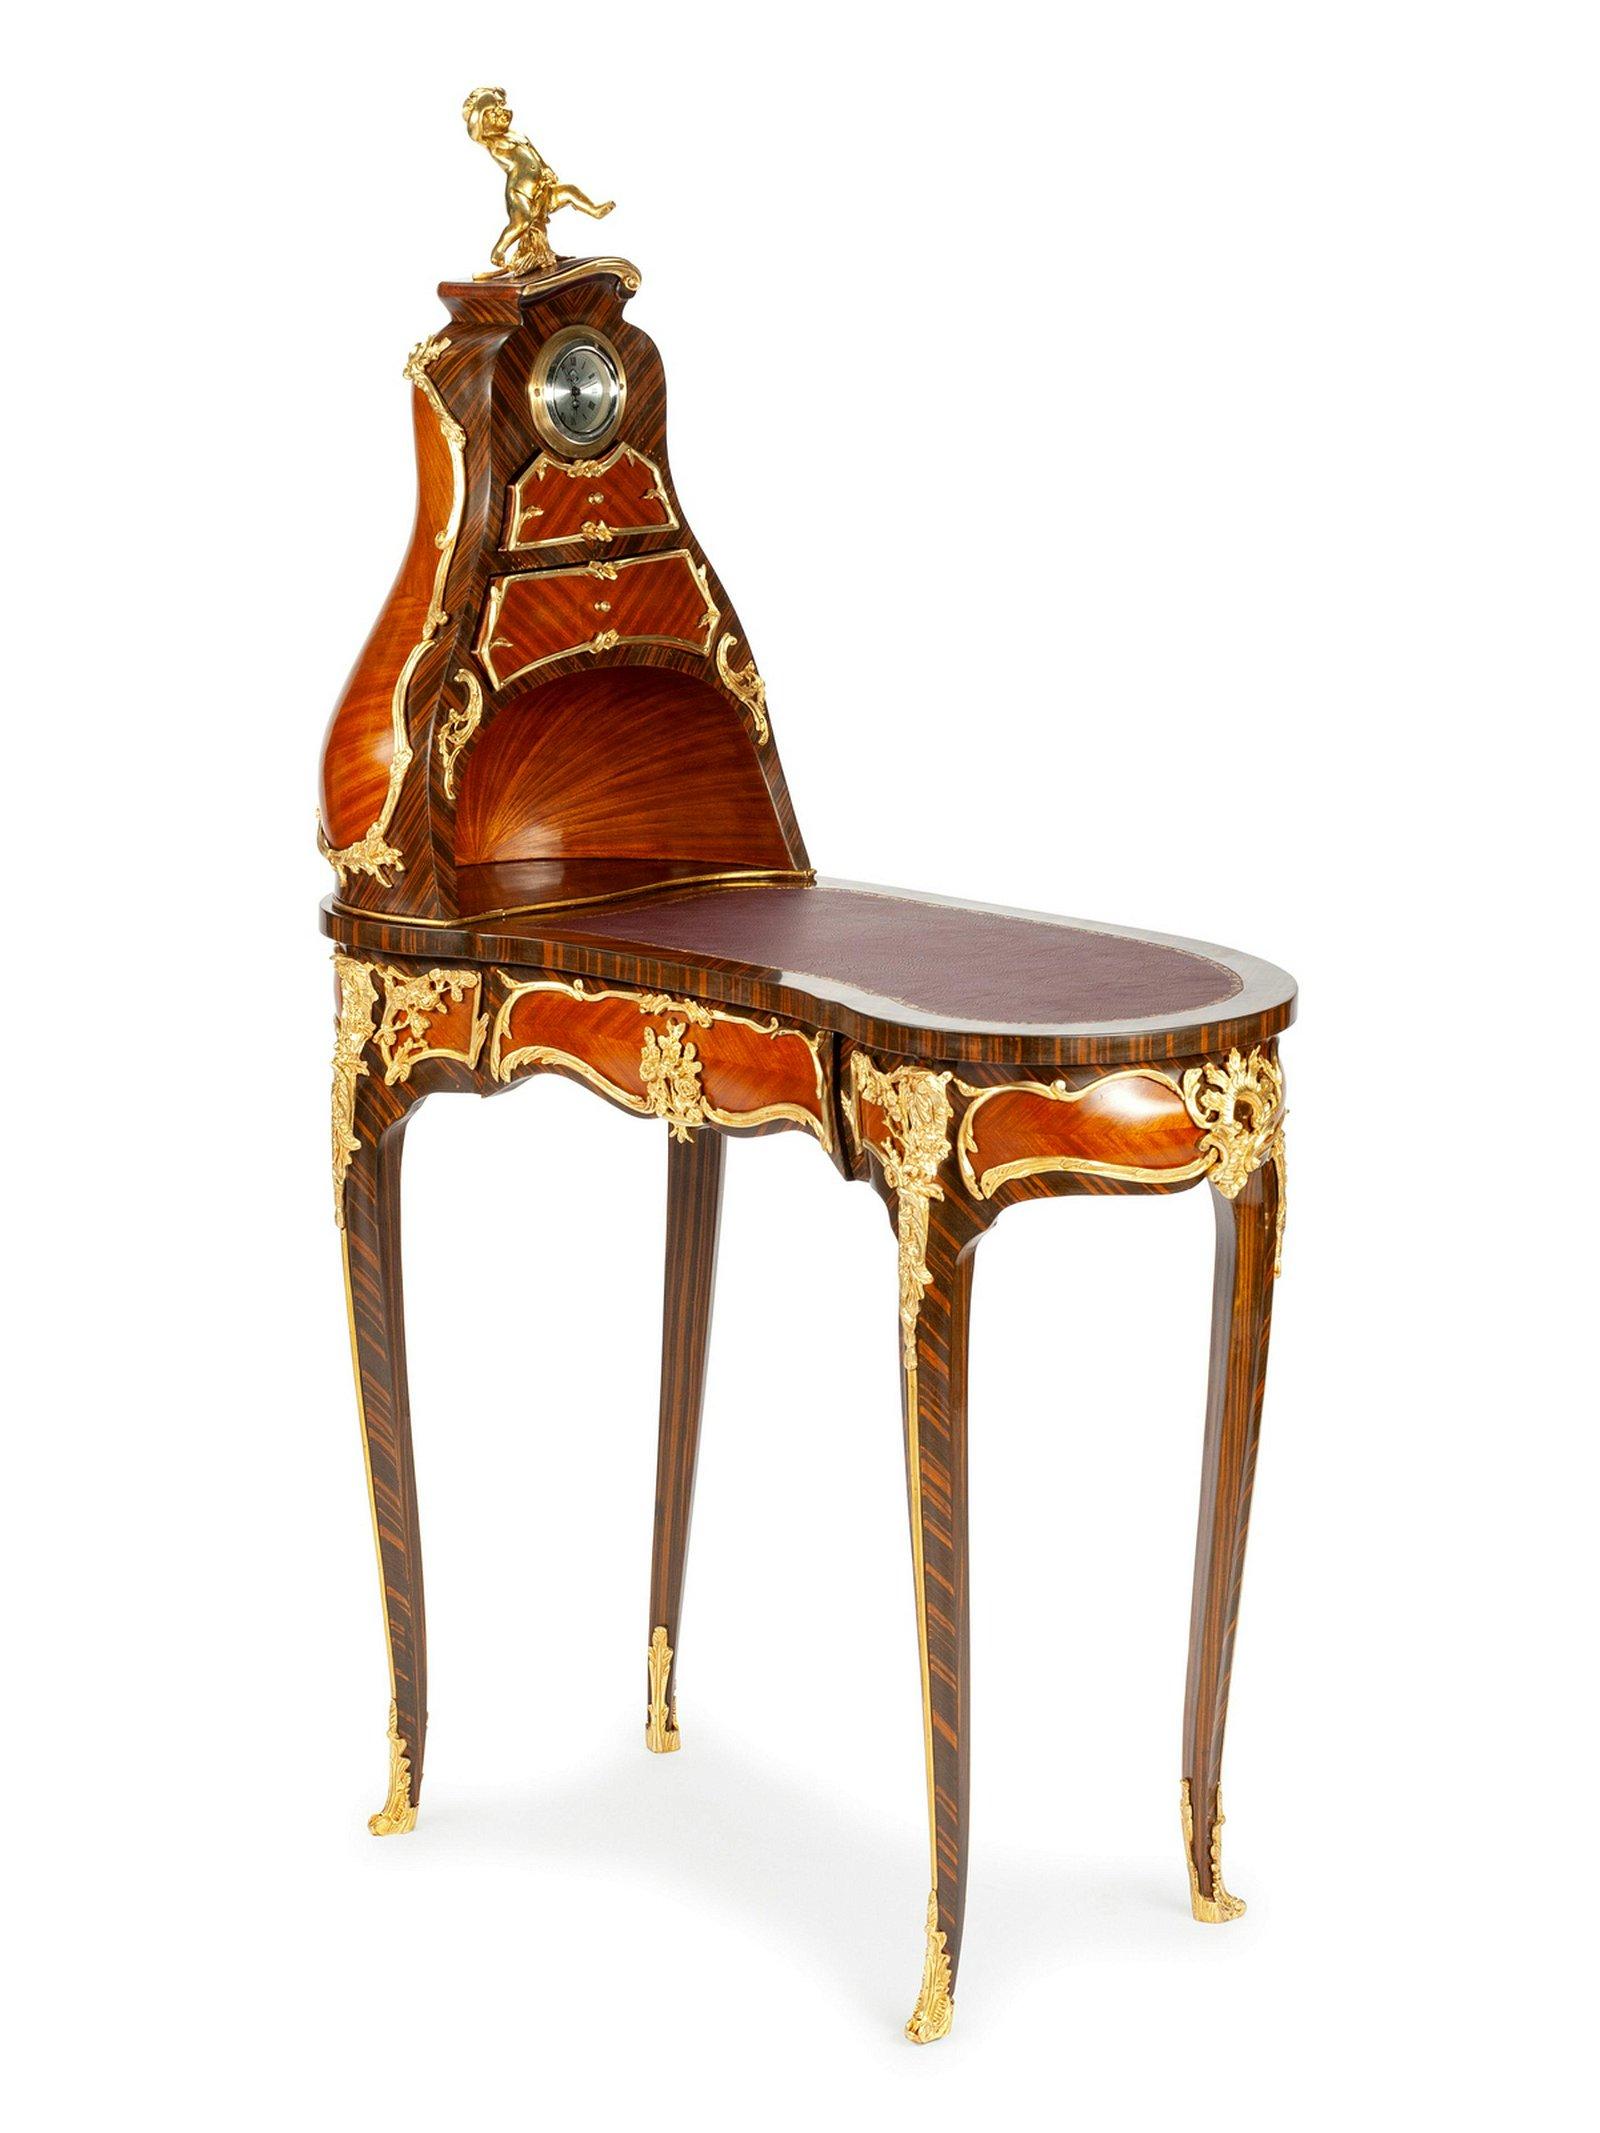 A Louis XV Style Gilt Metal Mounted Cartonnier Desk